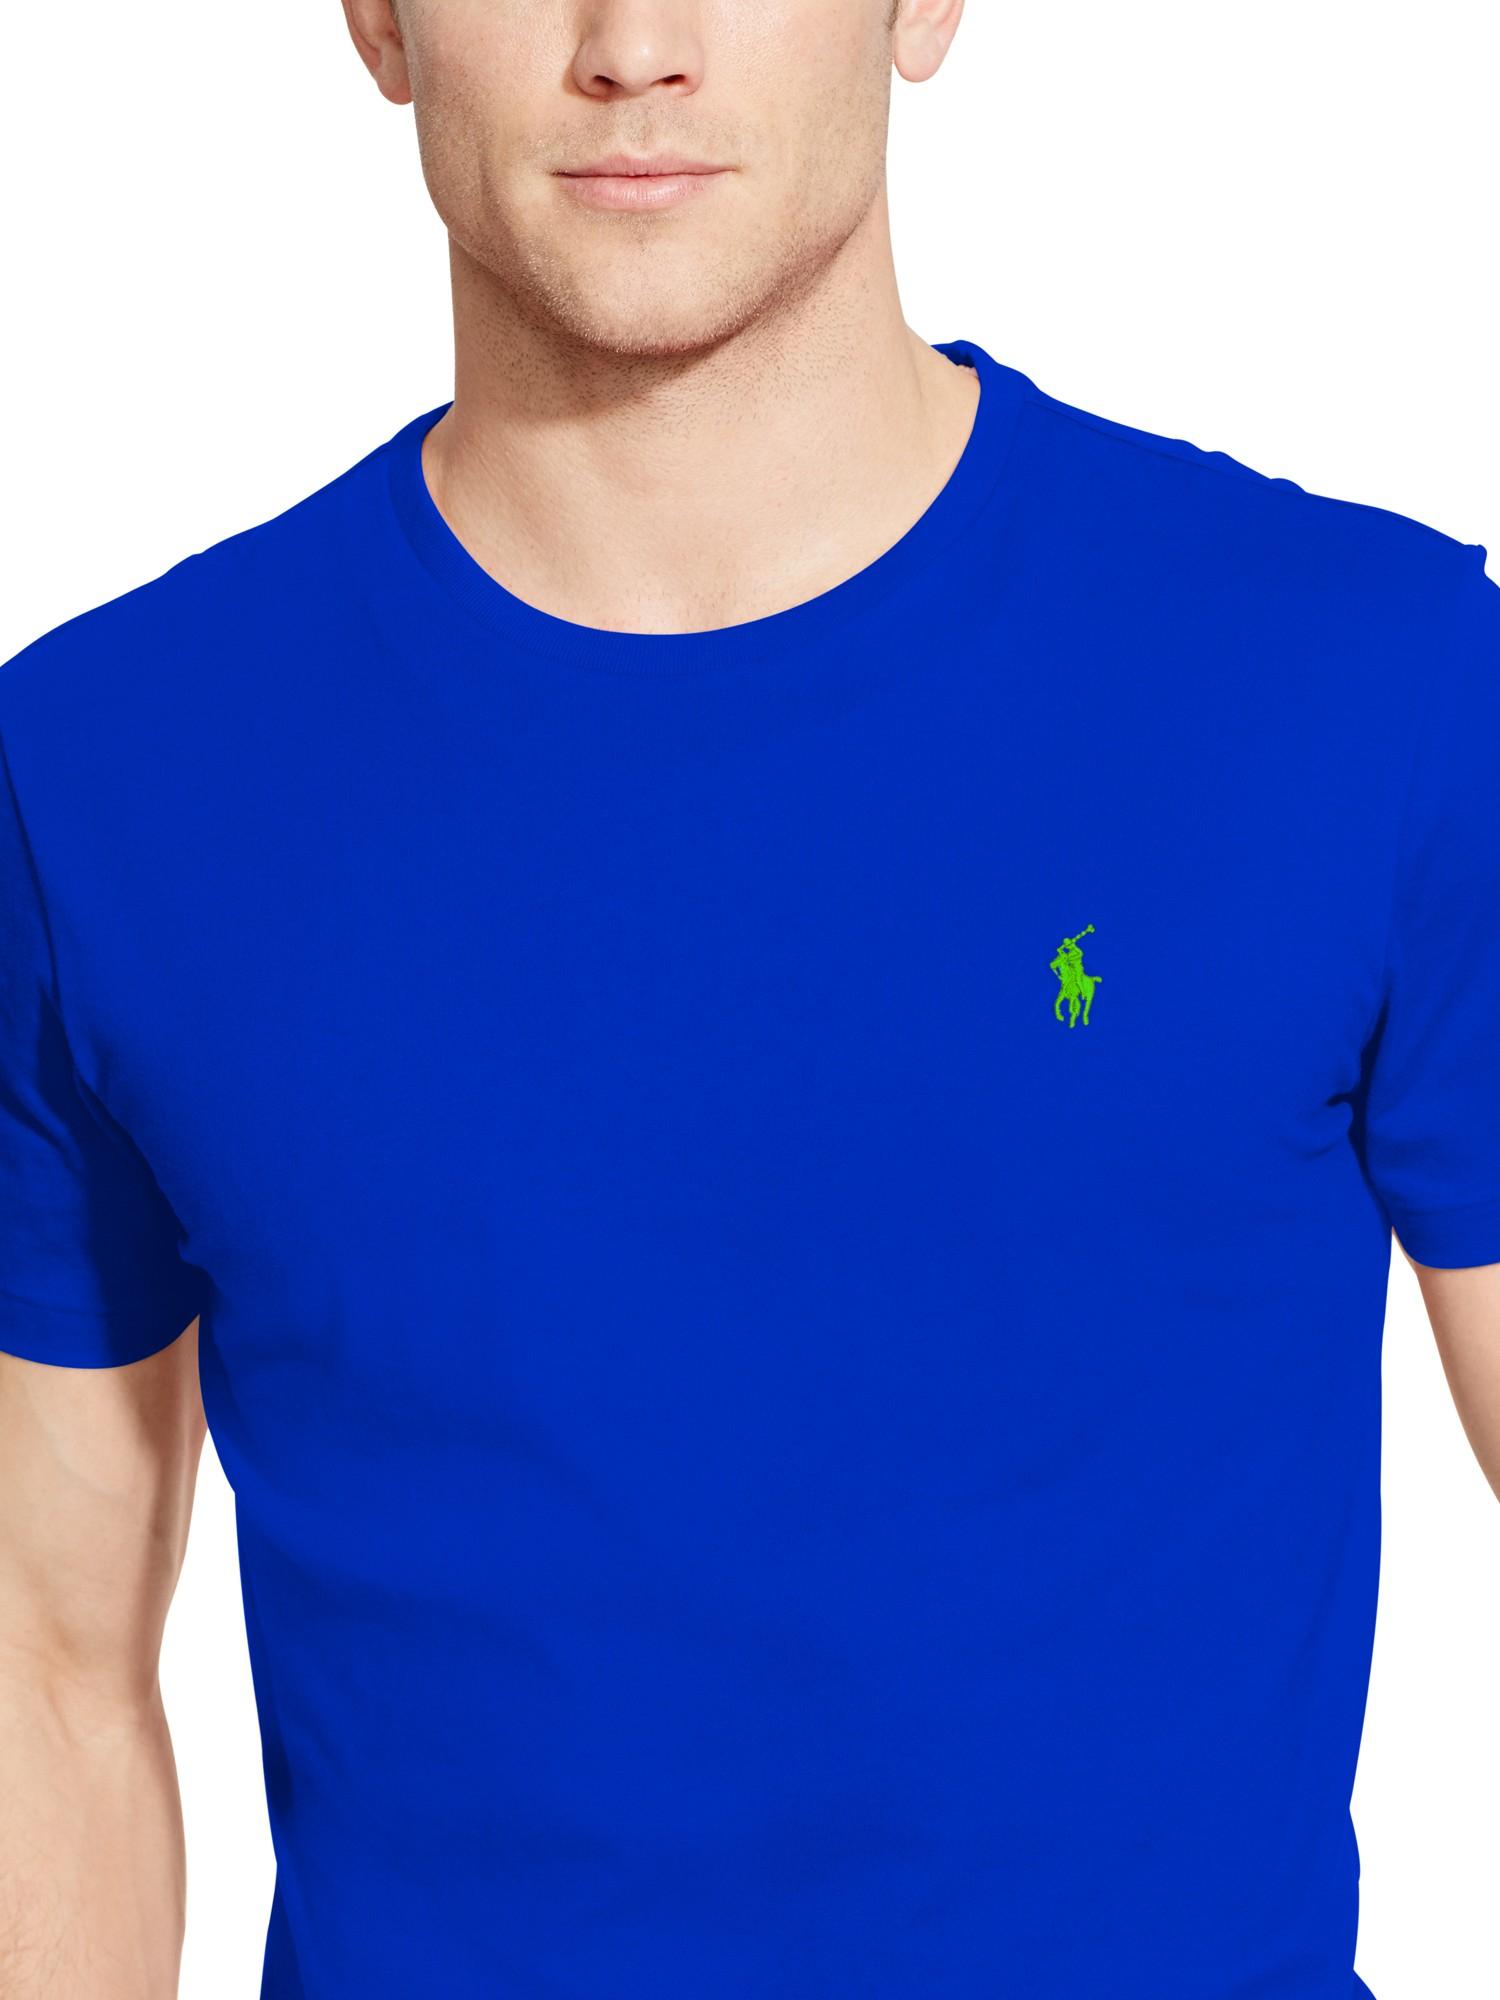 polo ralph lauren basic custom fit t shirt in blue for men